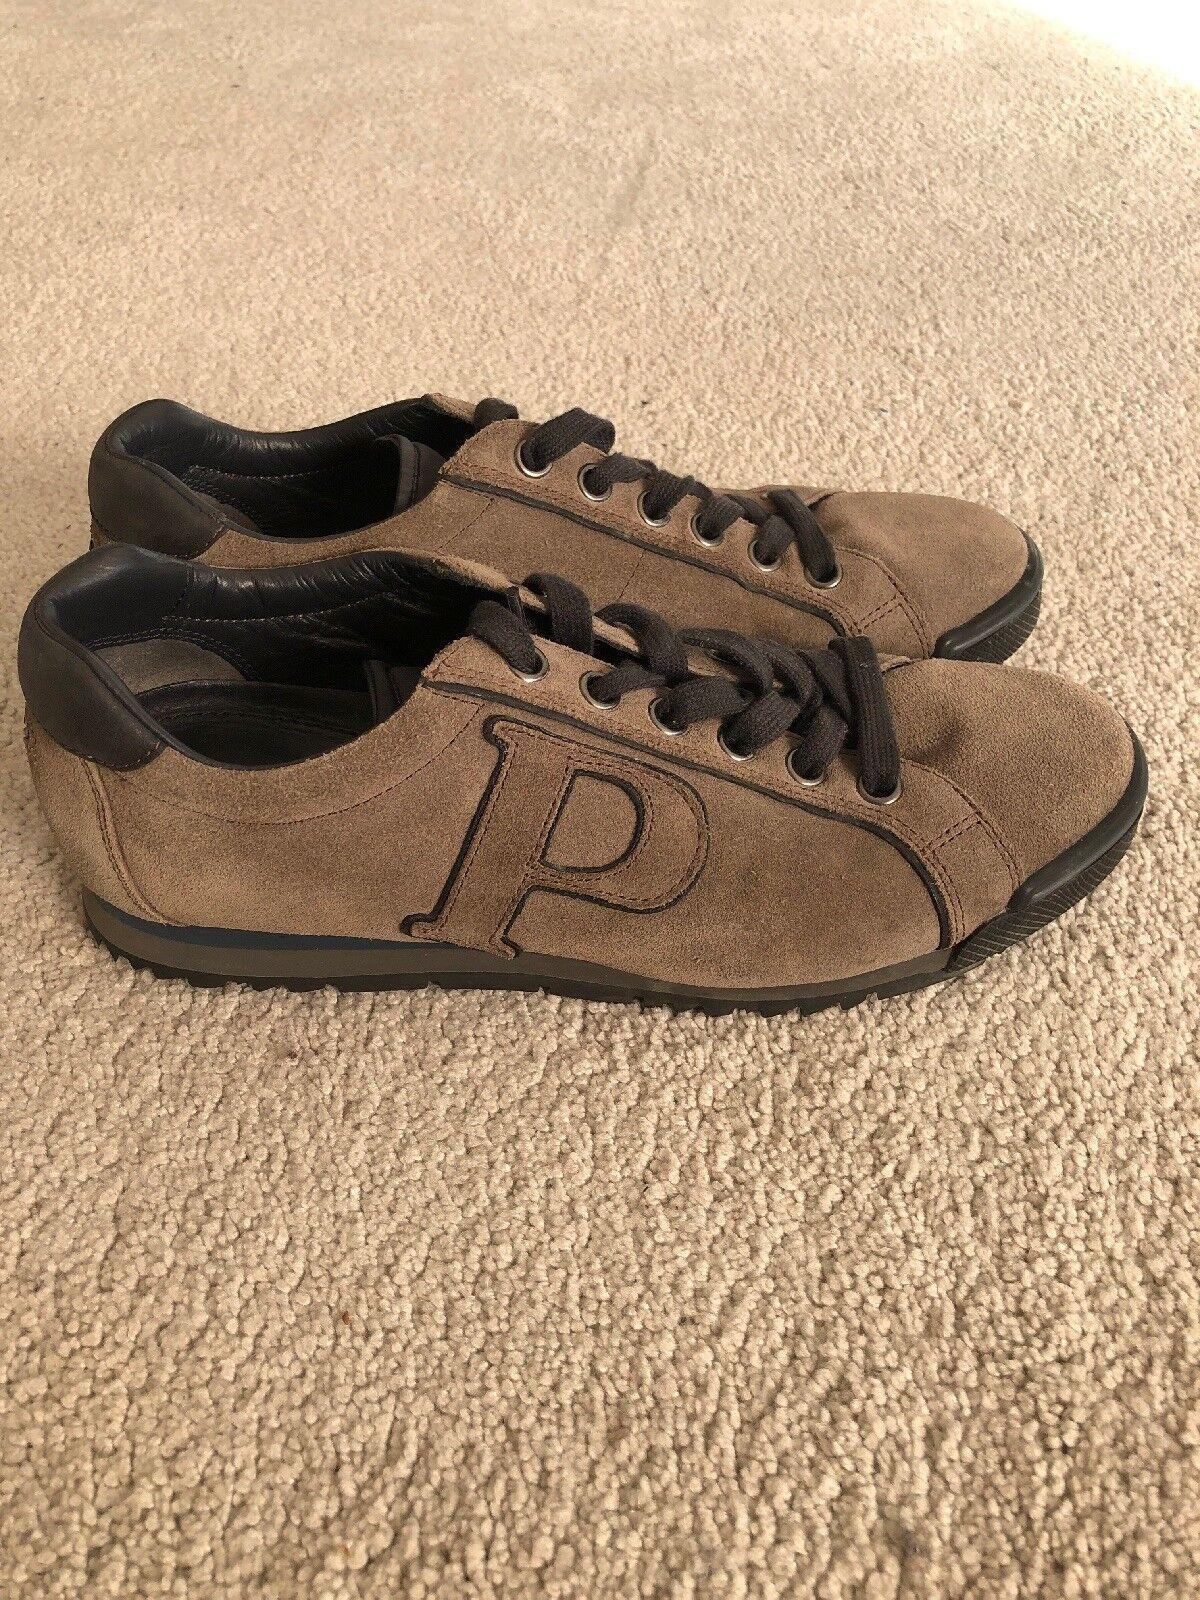 PRADA mens shoes,size - UK 8.5 ; EU 42